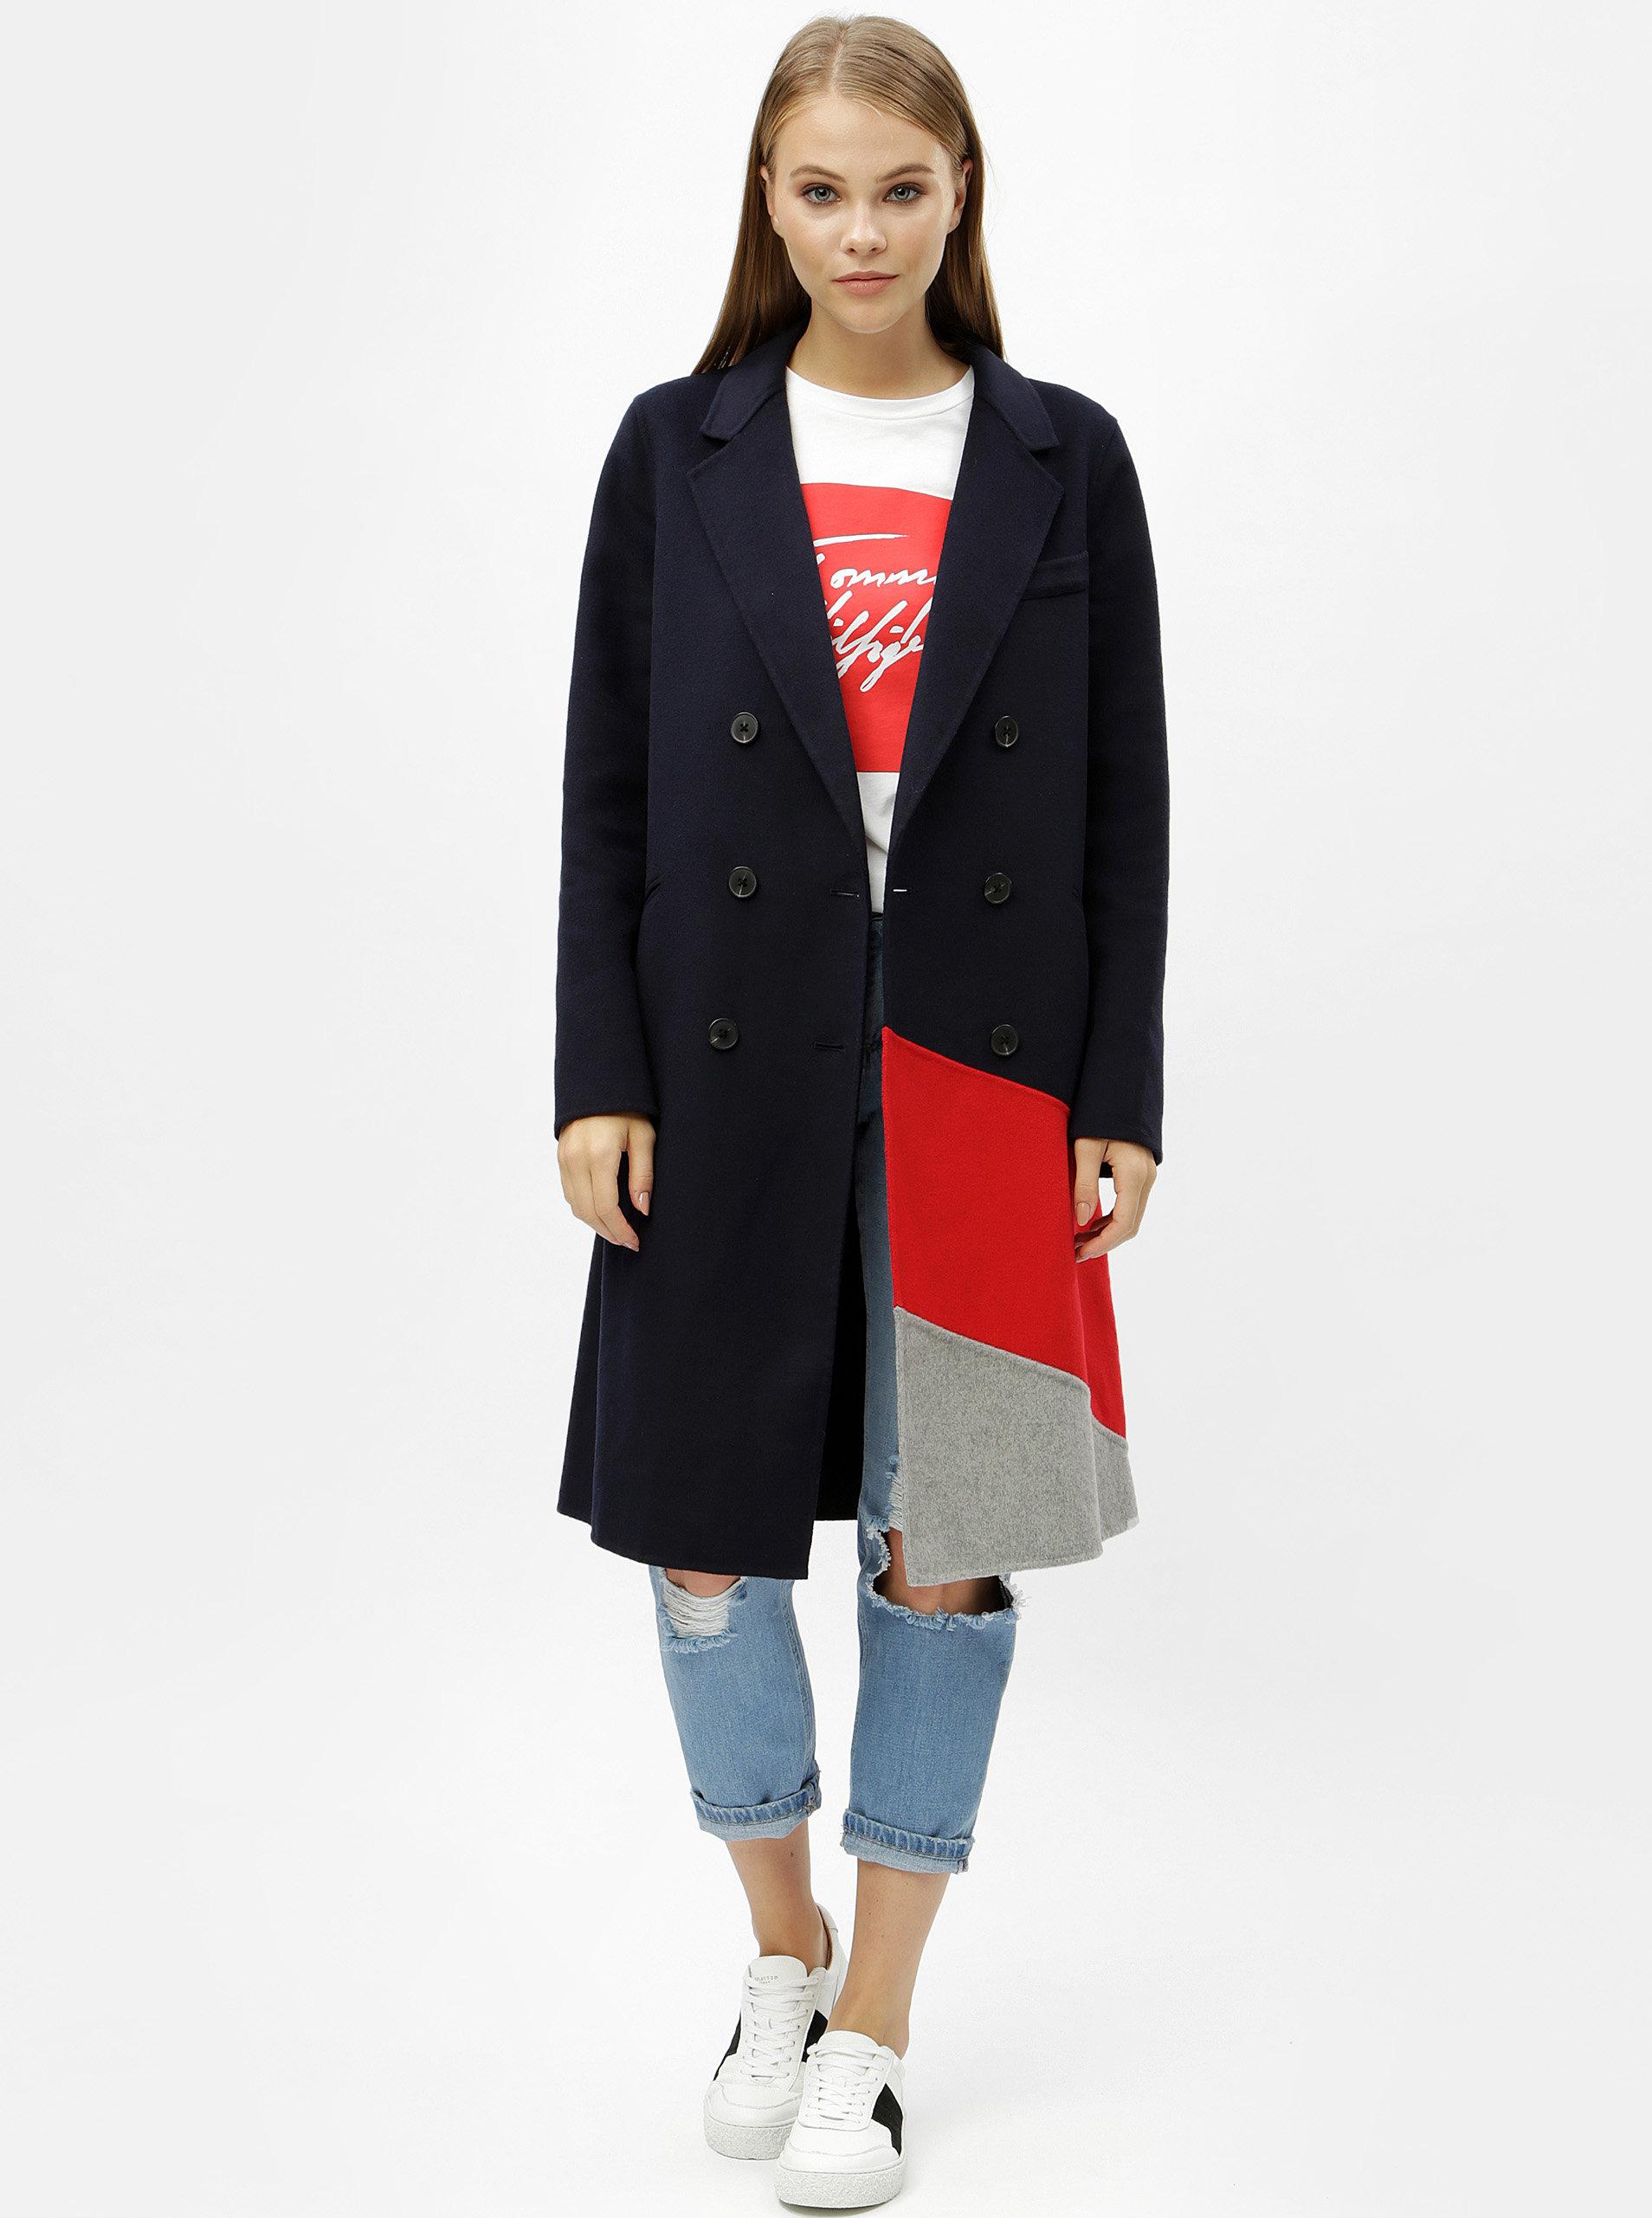 Modrý dámský lehký vlněný kabát Tommy Hilfiger ... 6b8a8648e85